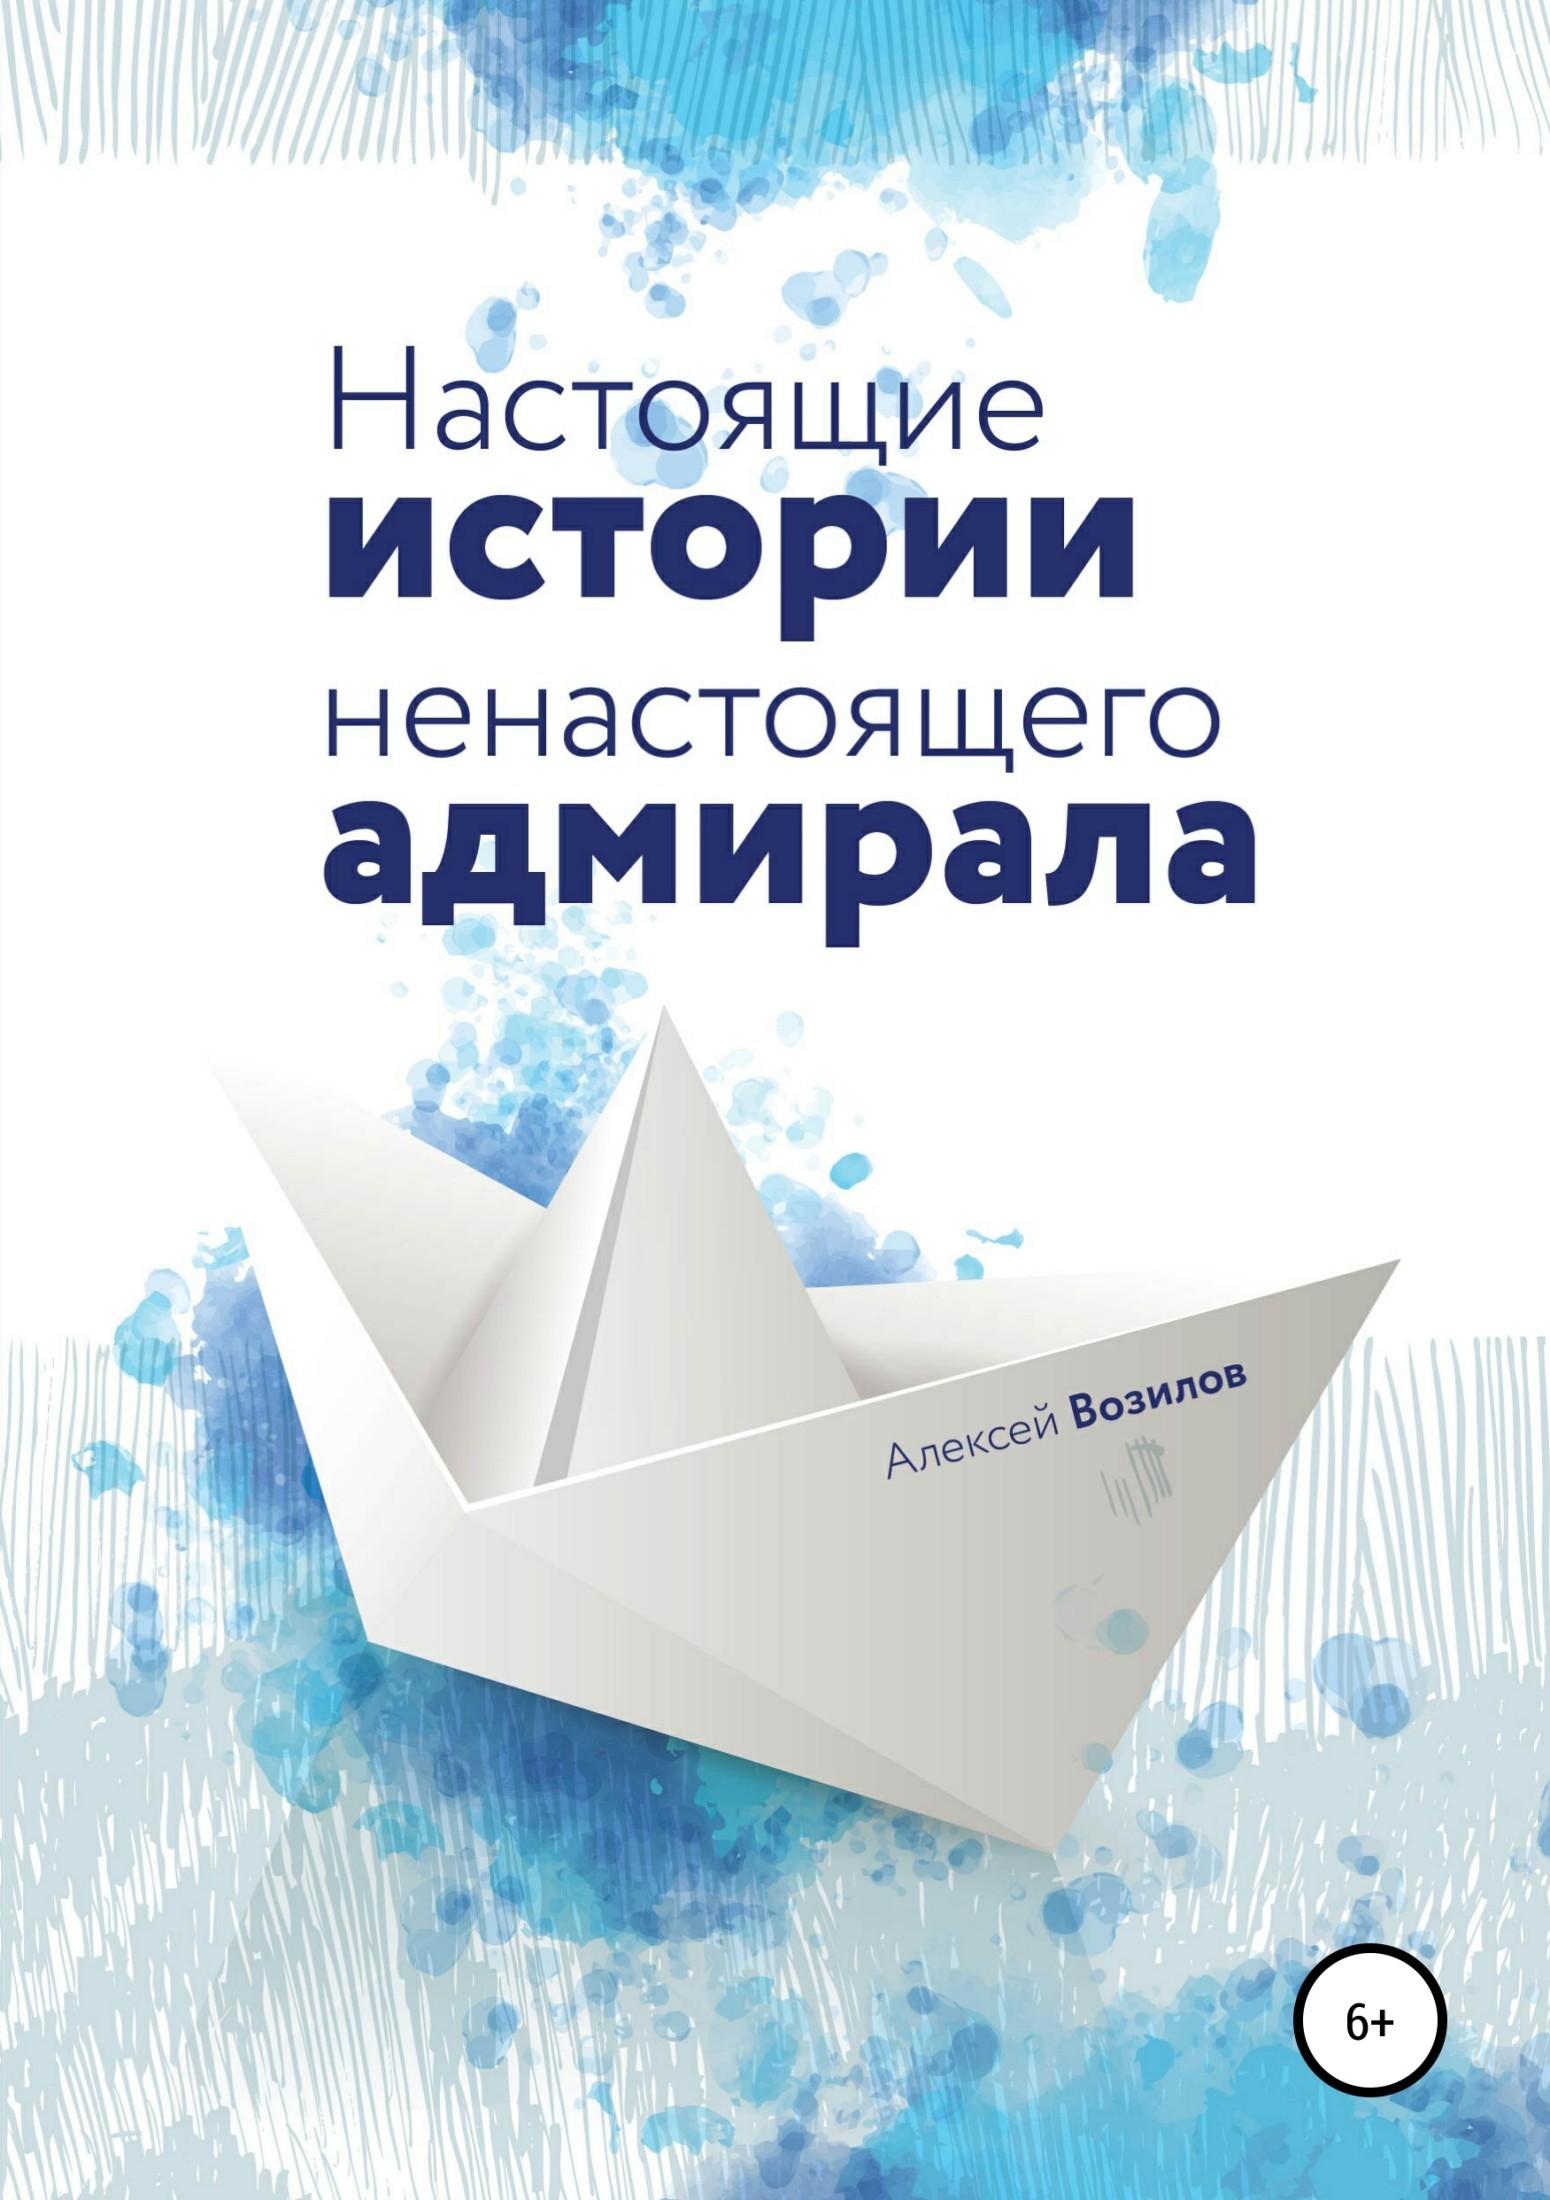 Алексей Возилов Настоящие истории ненастоящего адмирала